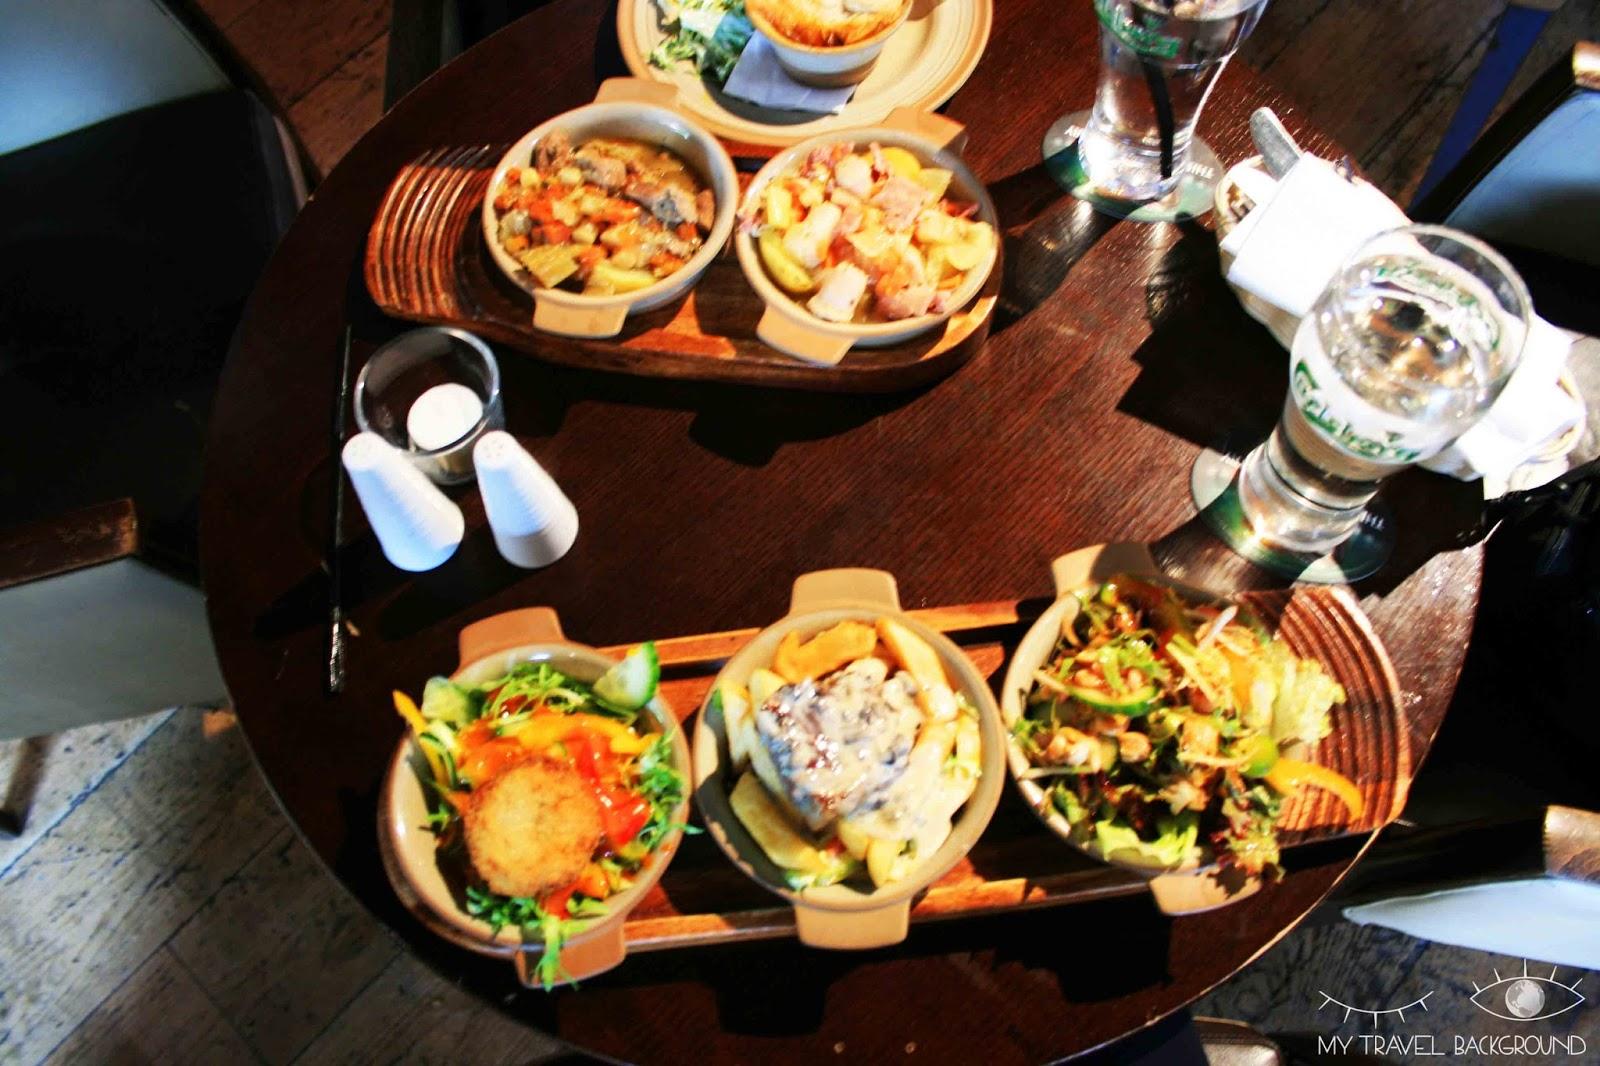 My Travel Background : 14 plats typiques dégustés en voyage - Tapas en Irlande, Dublin